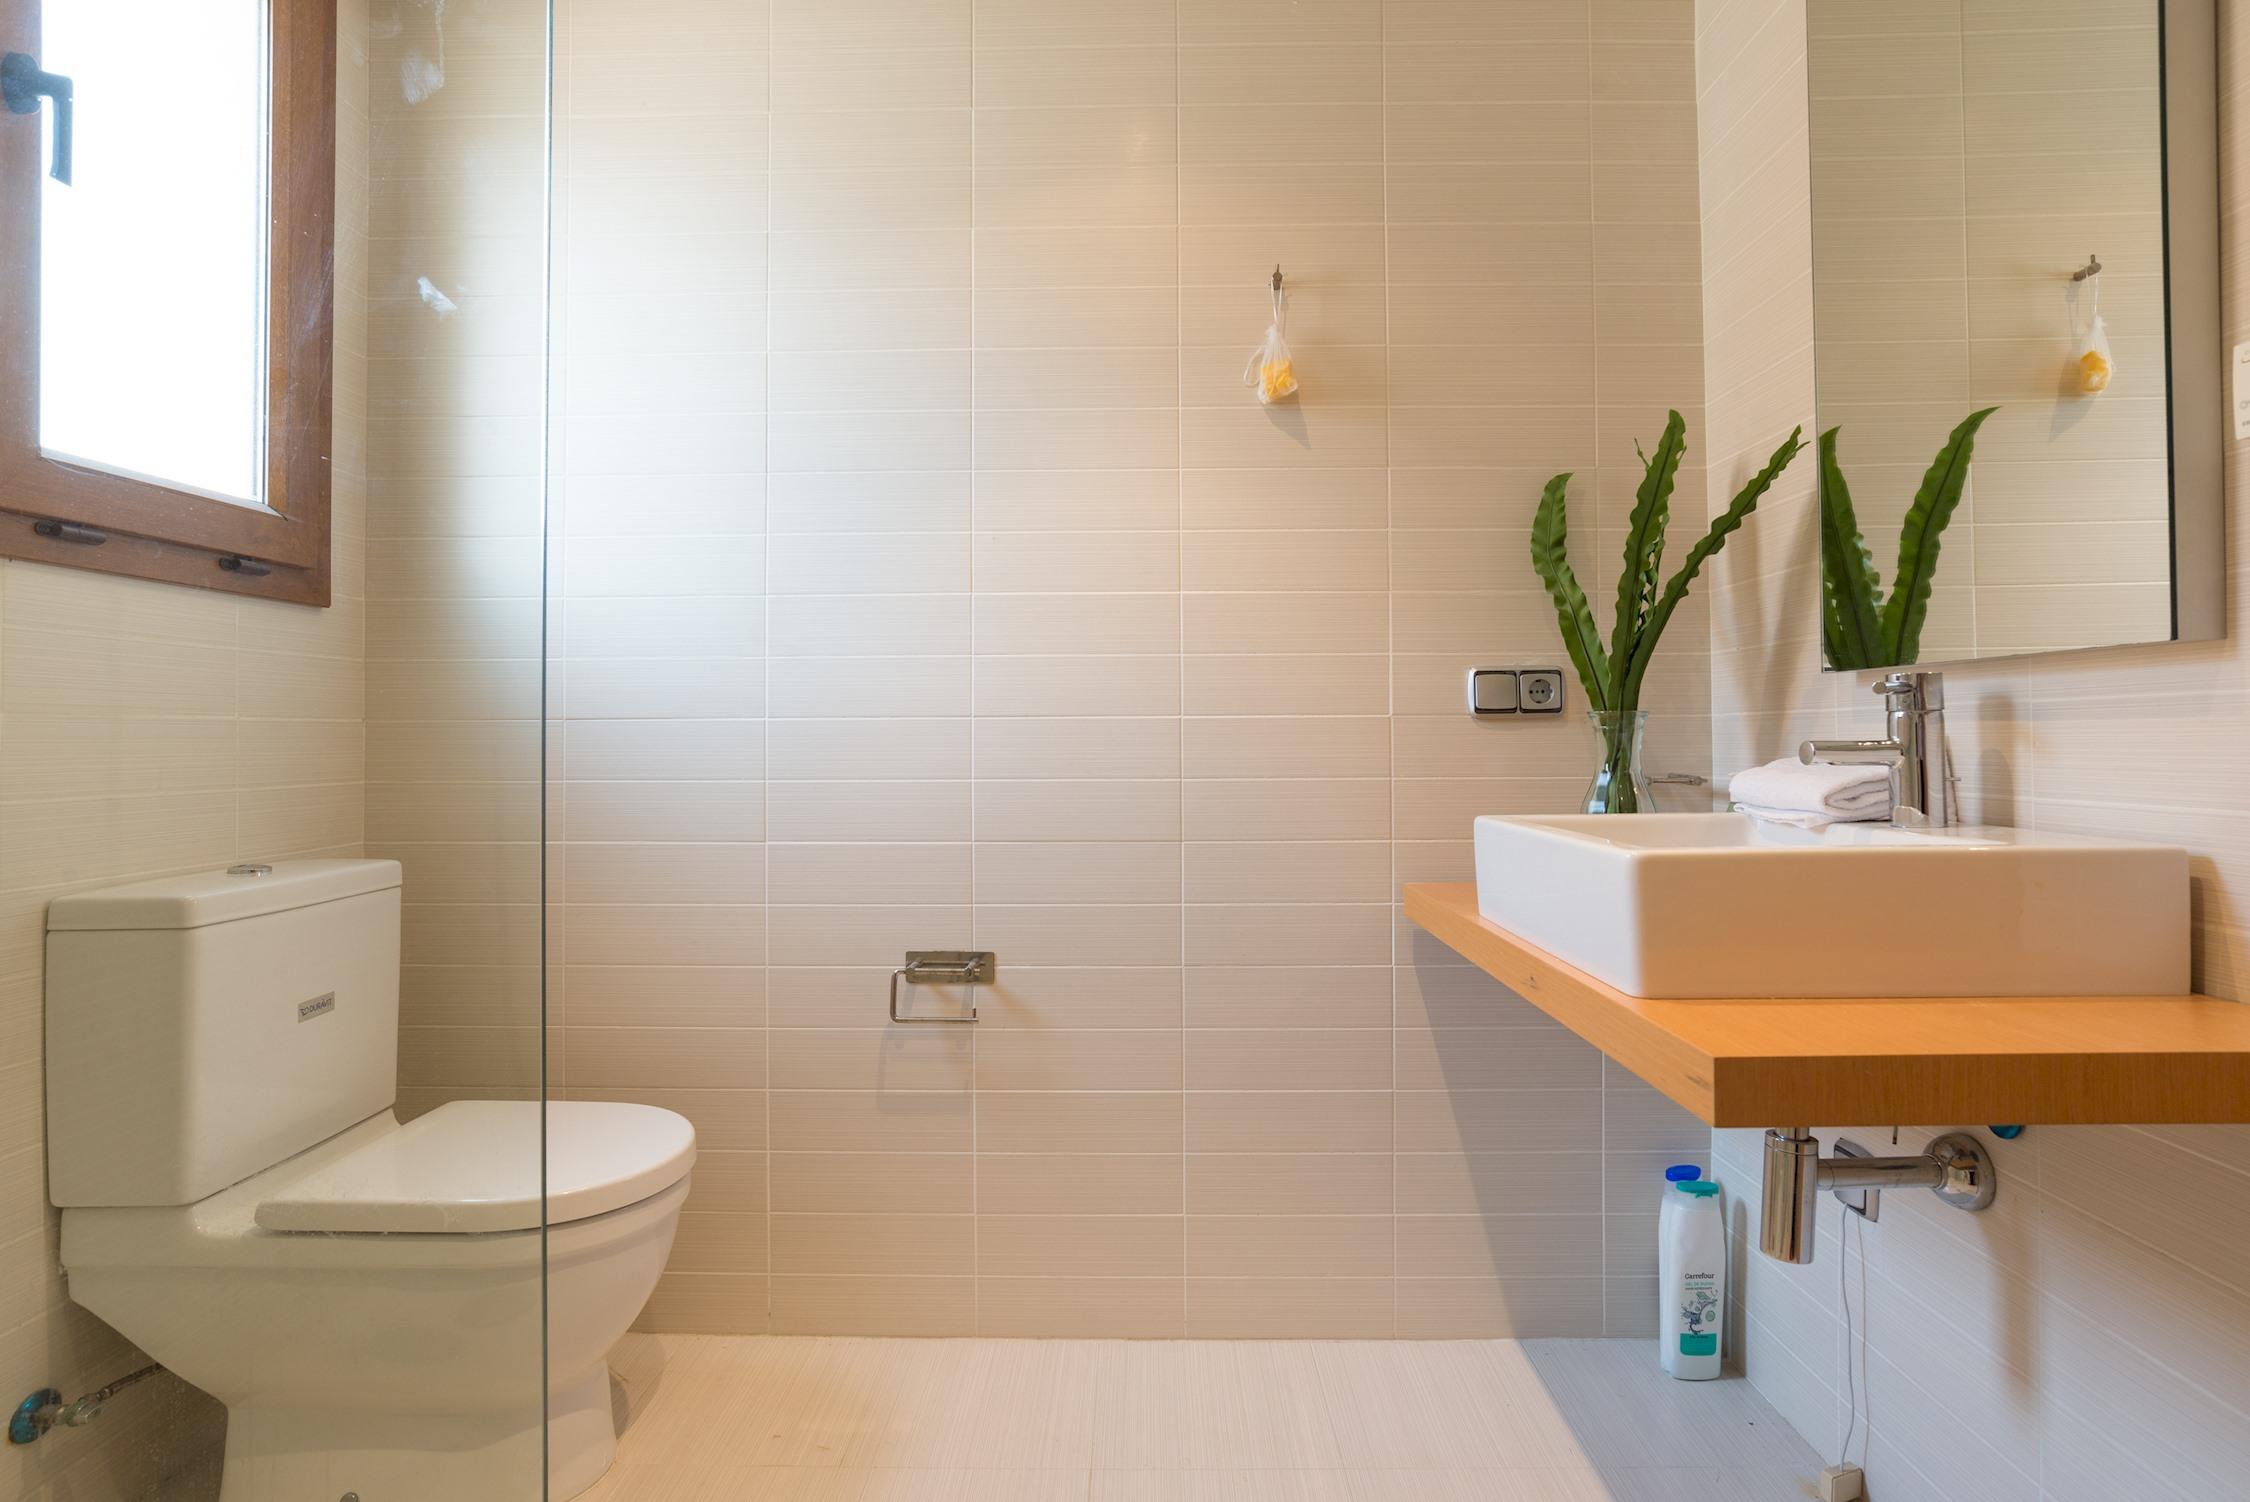 Apartment MalagaSuite Private Deluxe Villa photo 20498707